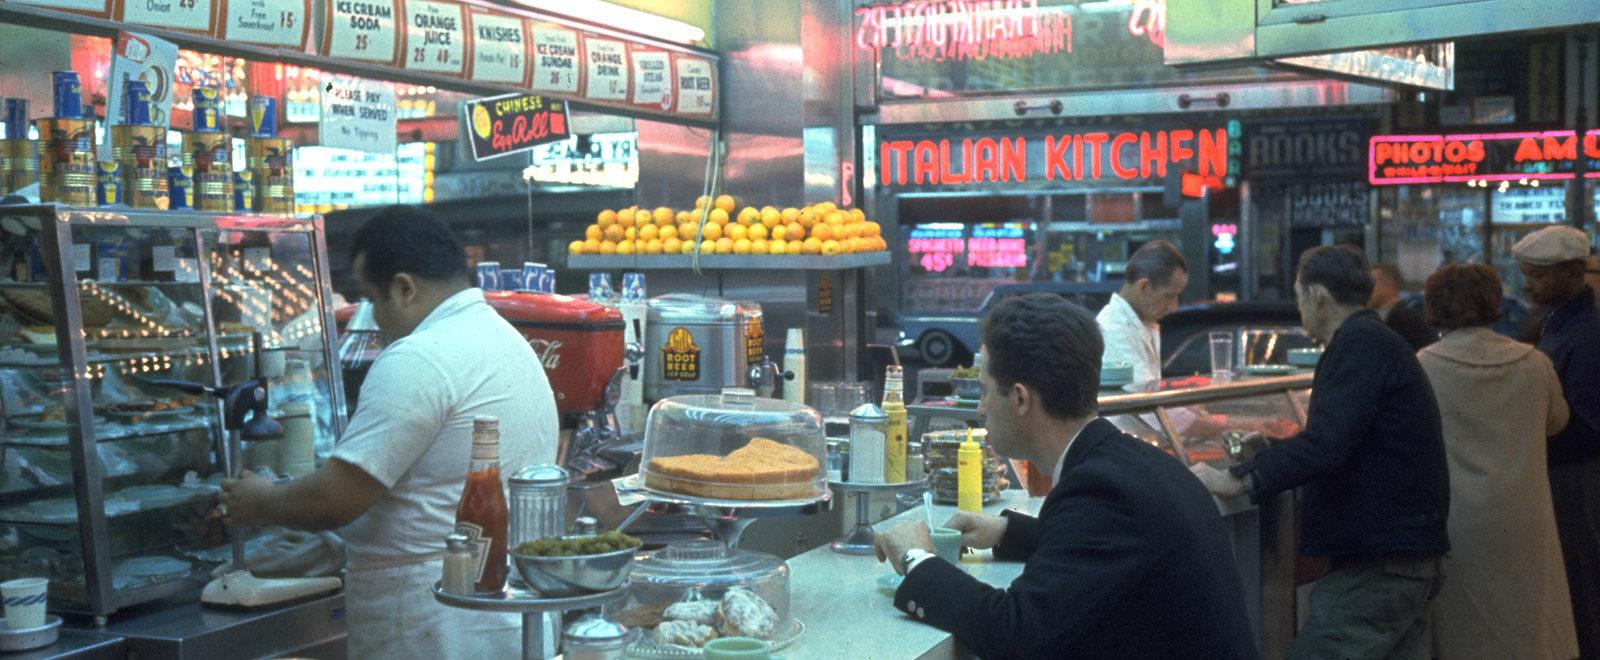 New York Diner Soho Diner La Bonbonniere Square Diner Veselka Walker's Empire Diner